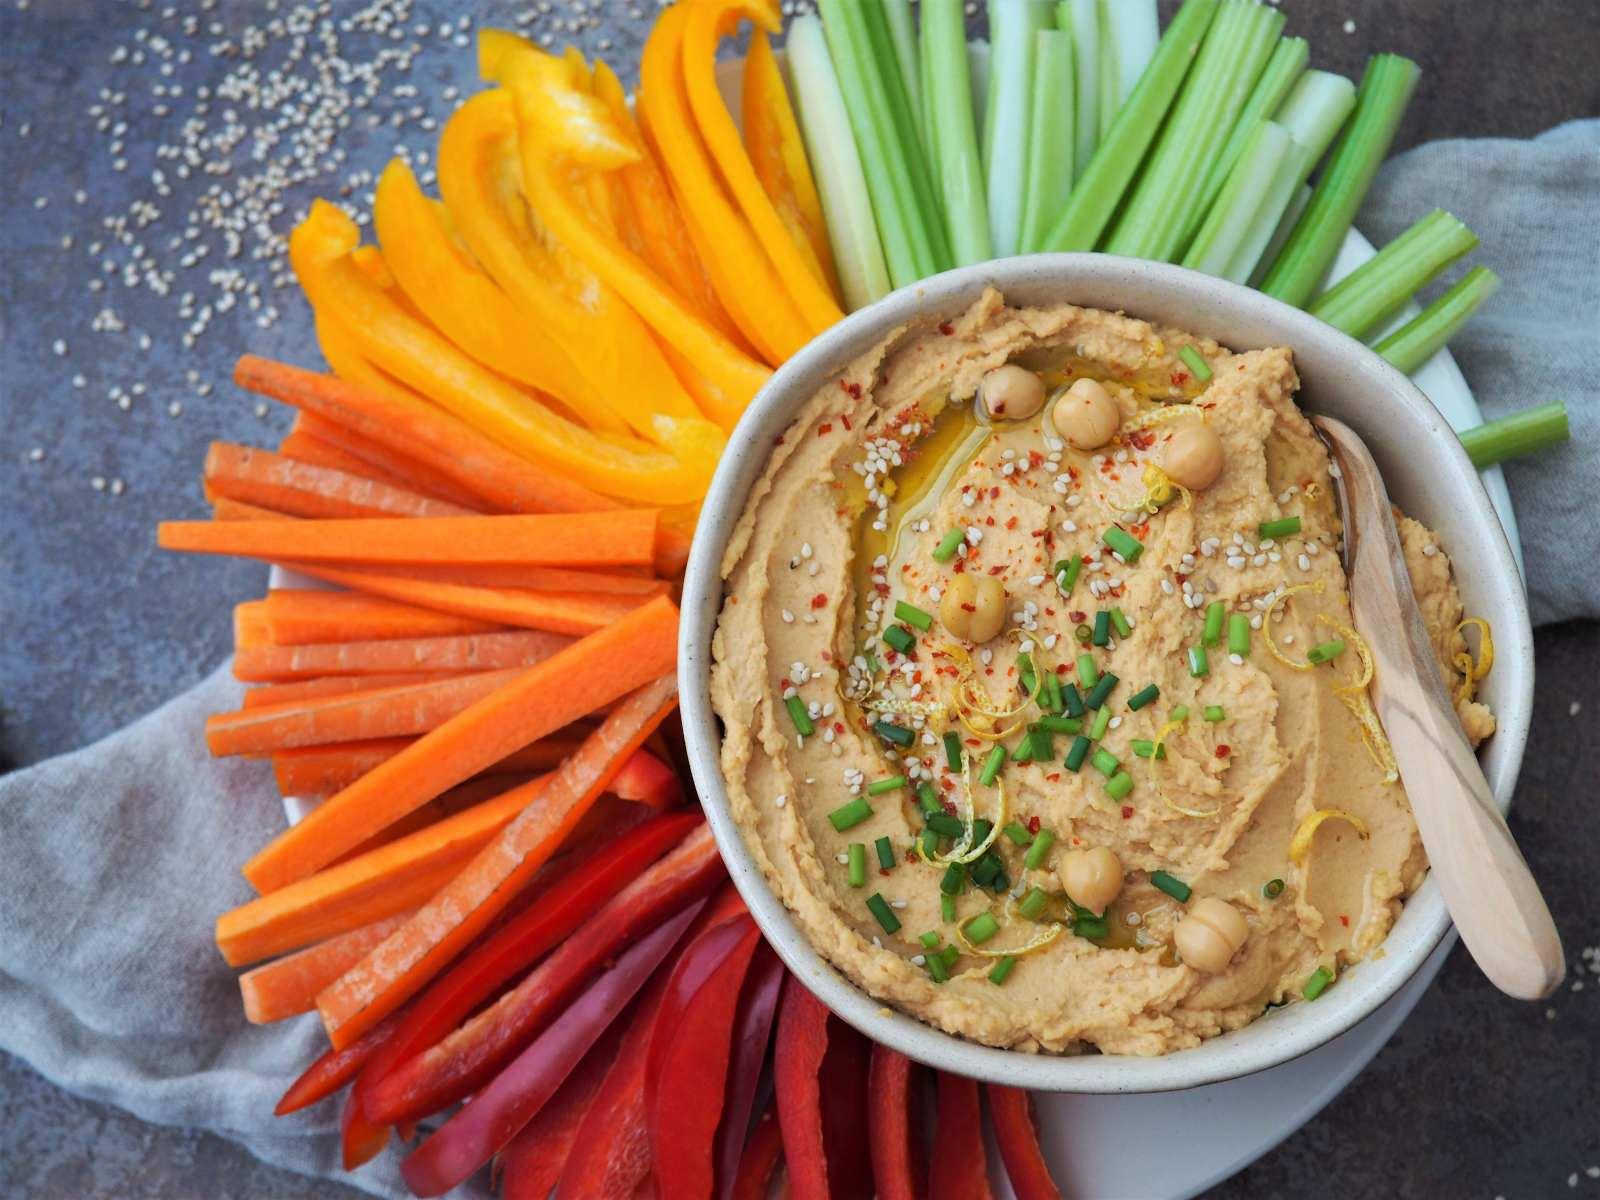 Selbstgemachter Hummus mit Rohkost